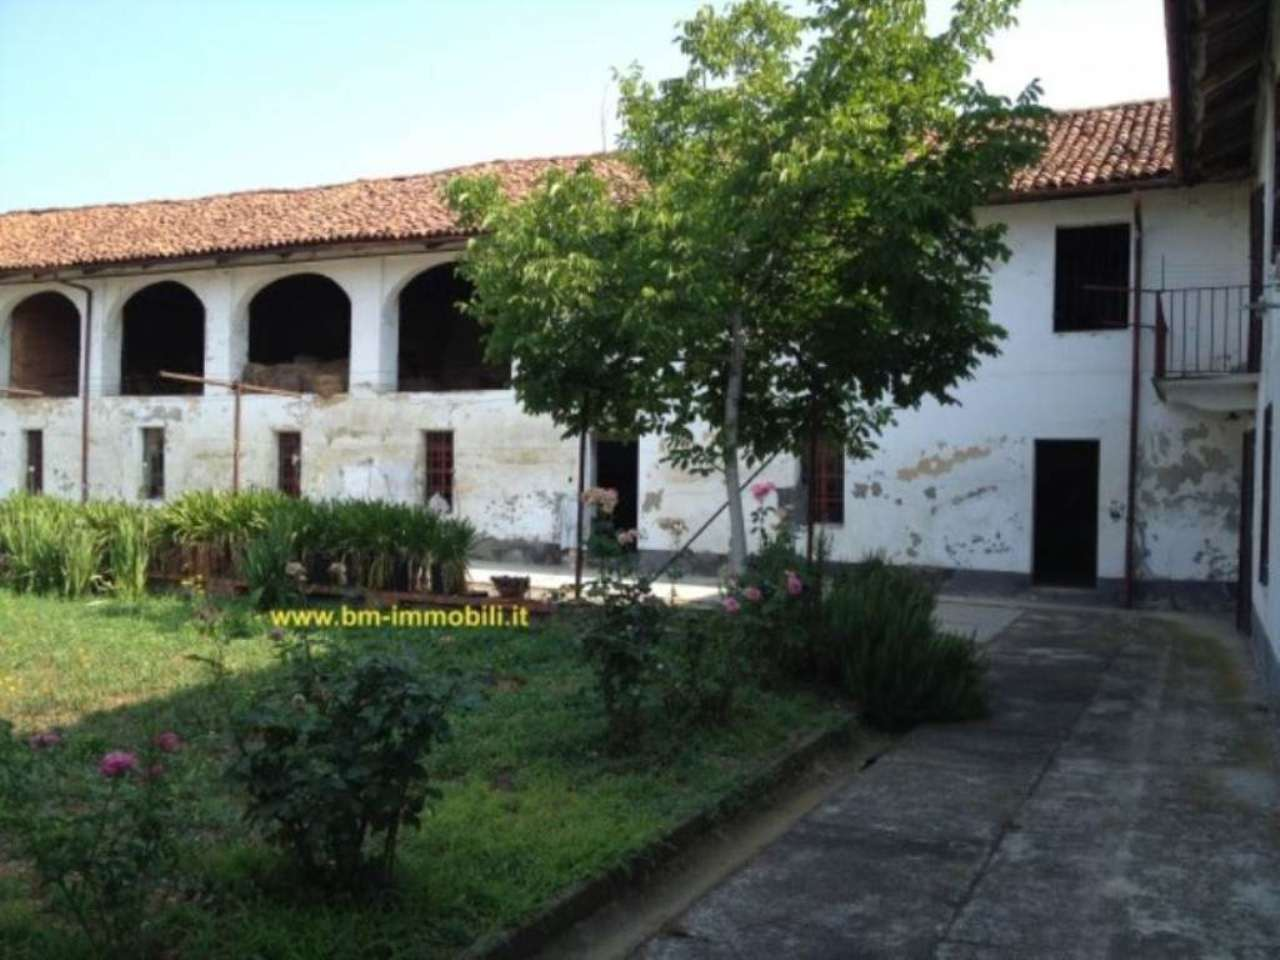 Rustico / Casale in vendita a Villafranca d'Asti, 6 locali, Trattative riservate | Cambio Casa.it